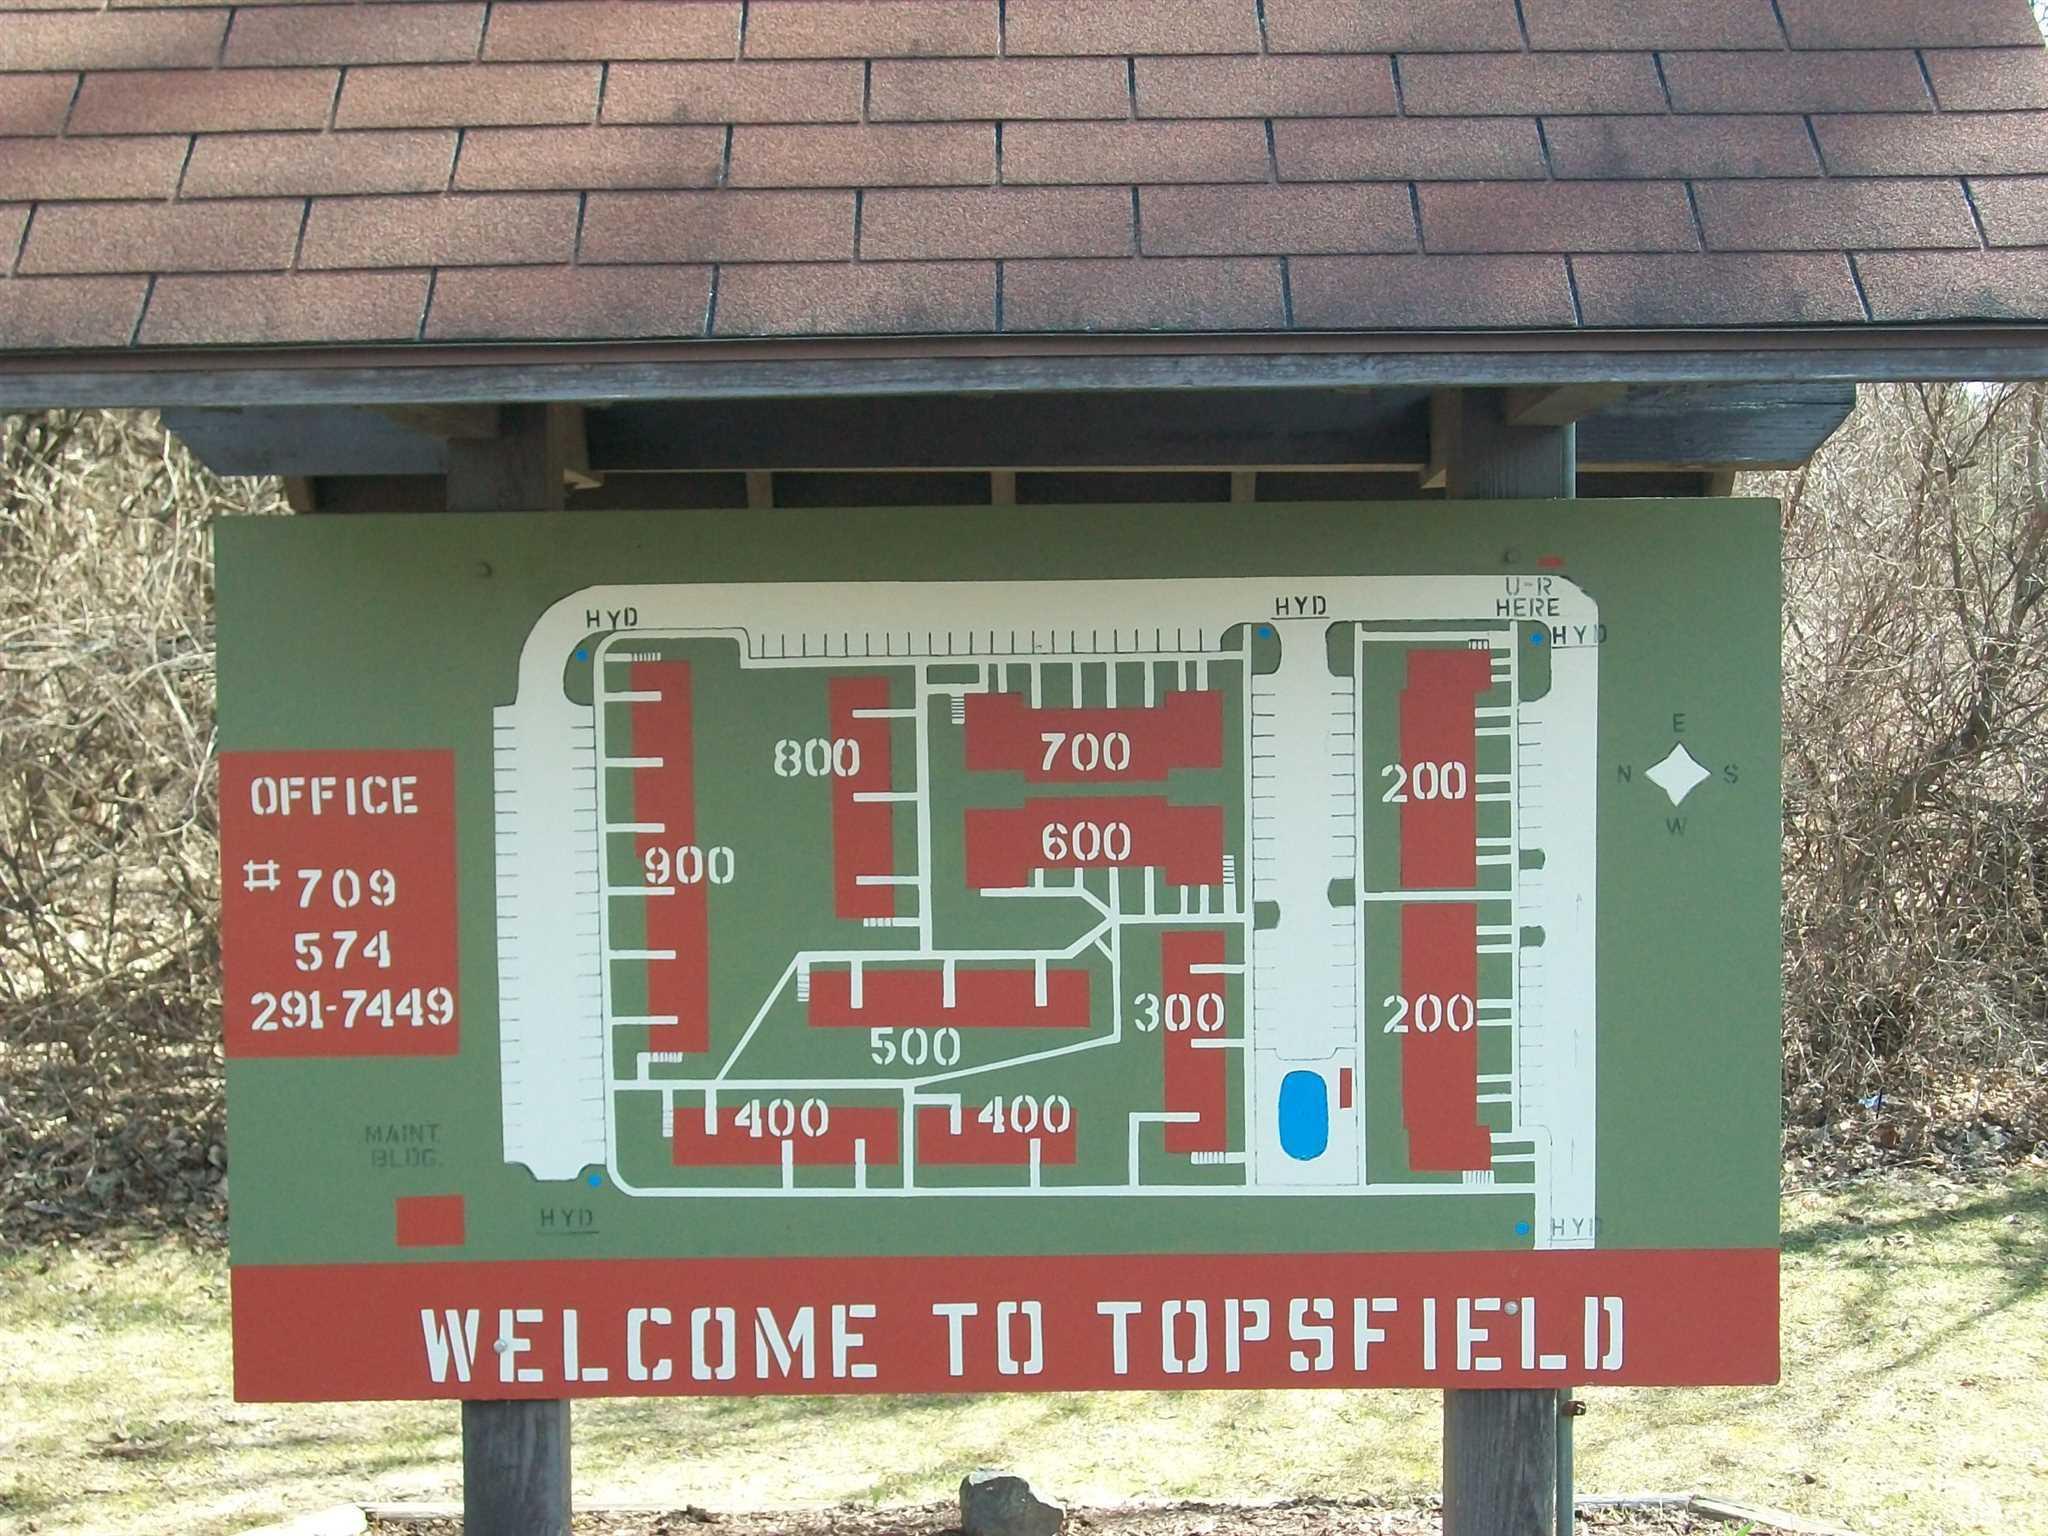 2500 Topsfield #808 South Bend, IN 46614